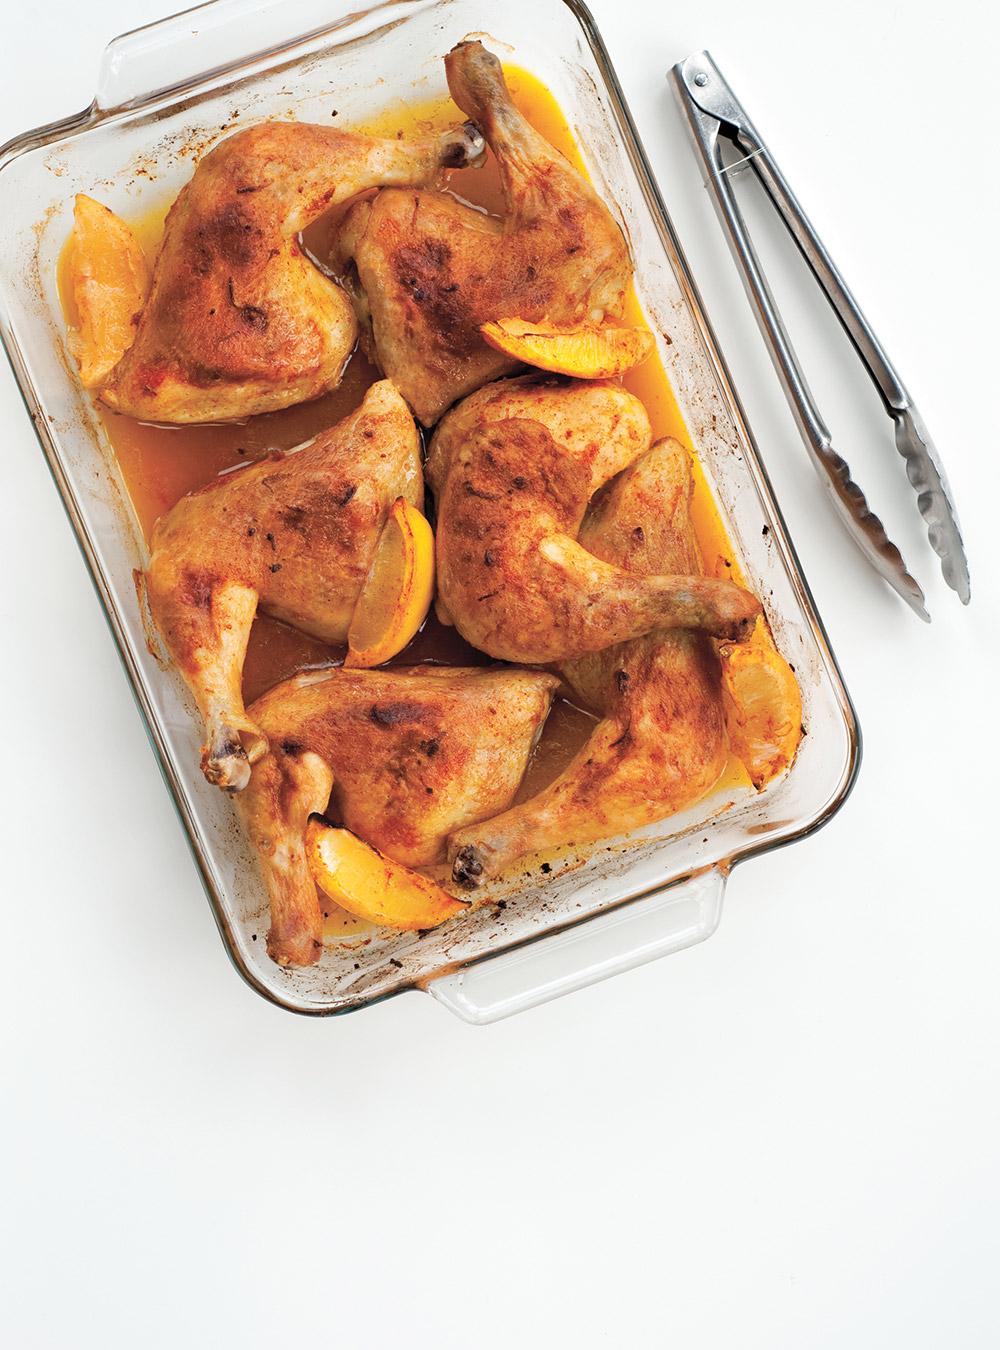 Cuisses de poulet au citron et au paprika | ricardo